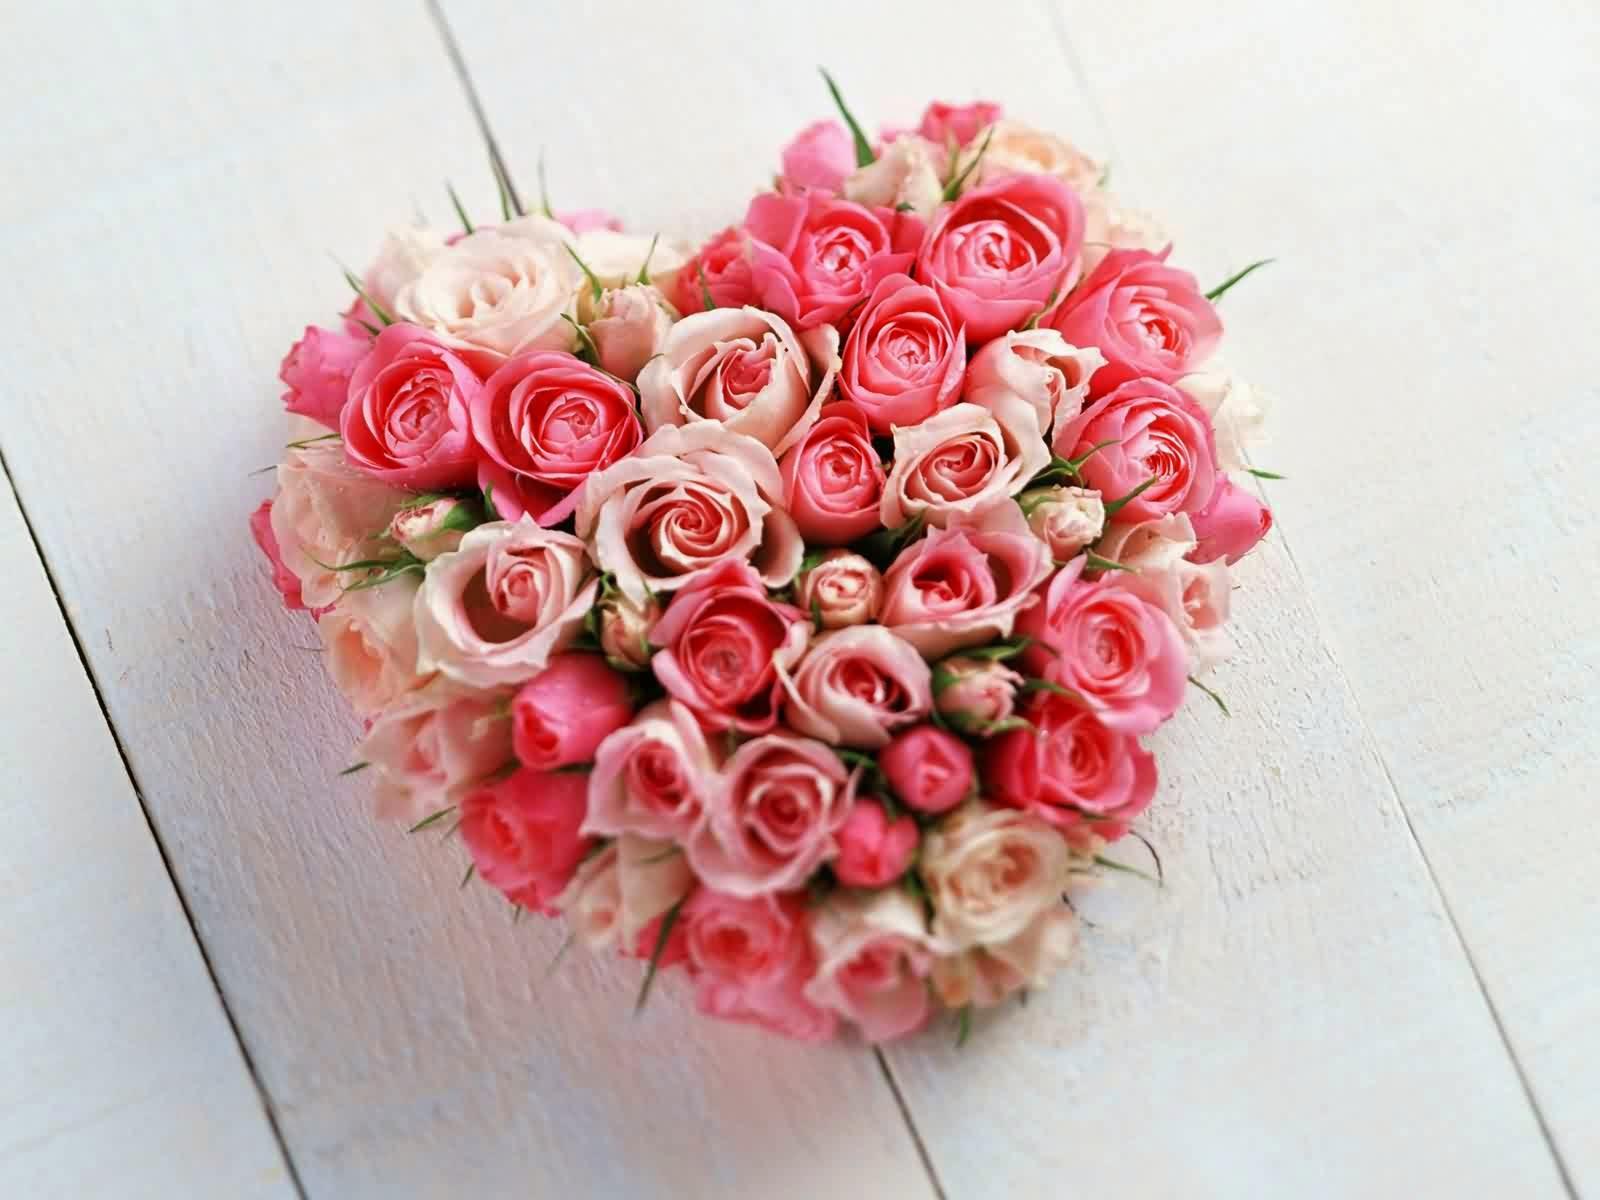 http://3.bp.blogspot.com/-Rx_mZUUhY6A/TzgMBJdtibI/AAAAAAAAFO4/-43b_djkl9o/s1600/bouquet-de-roses-saint-valentin.jpg